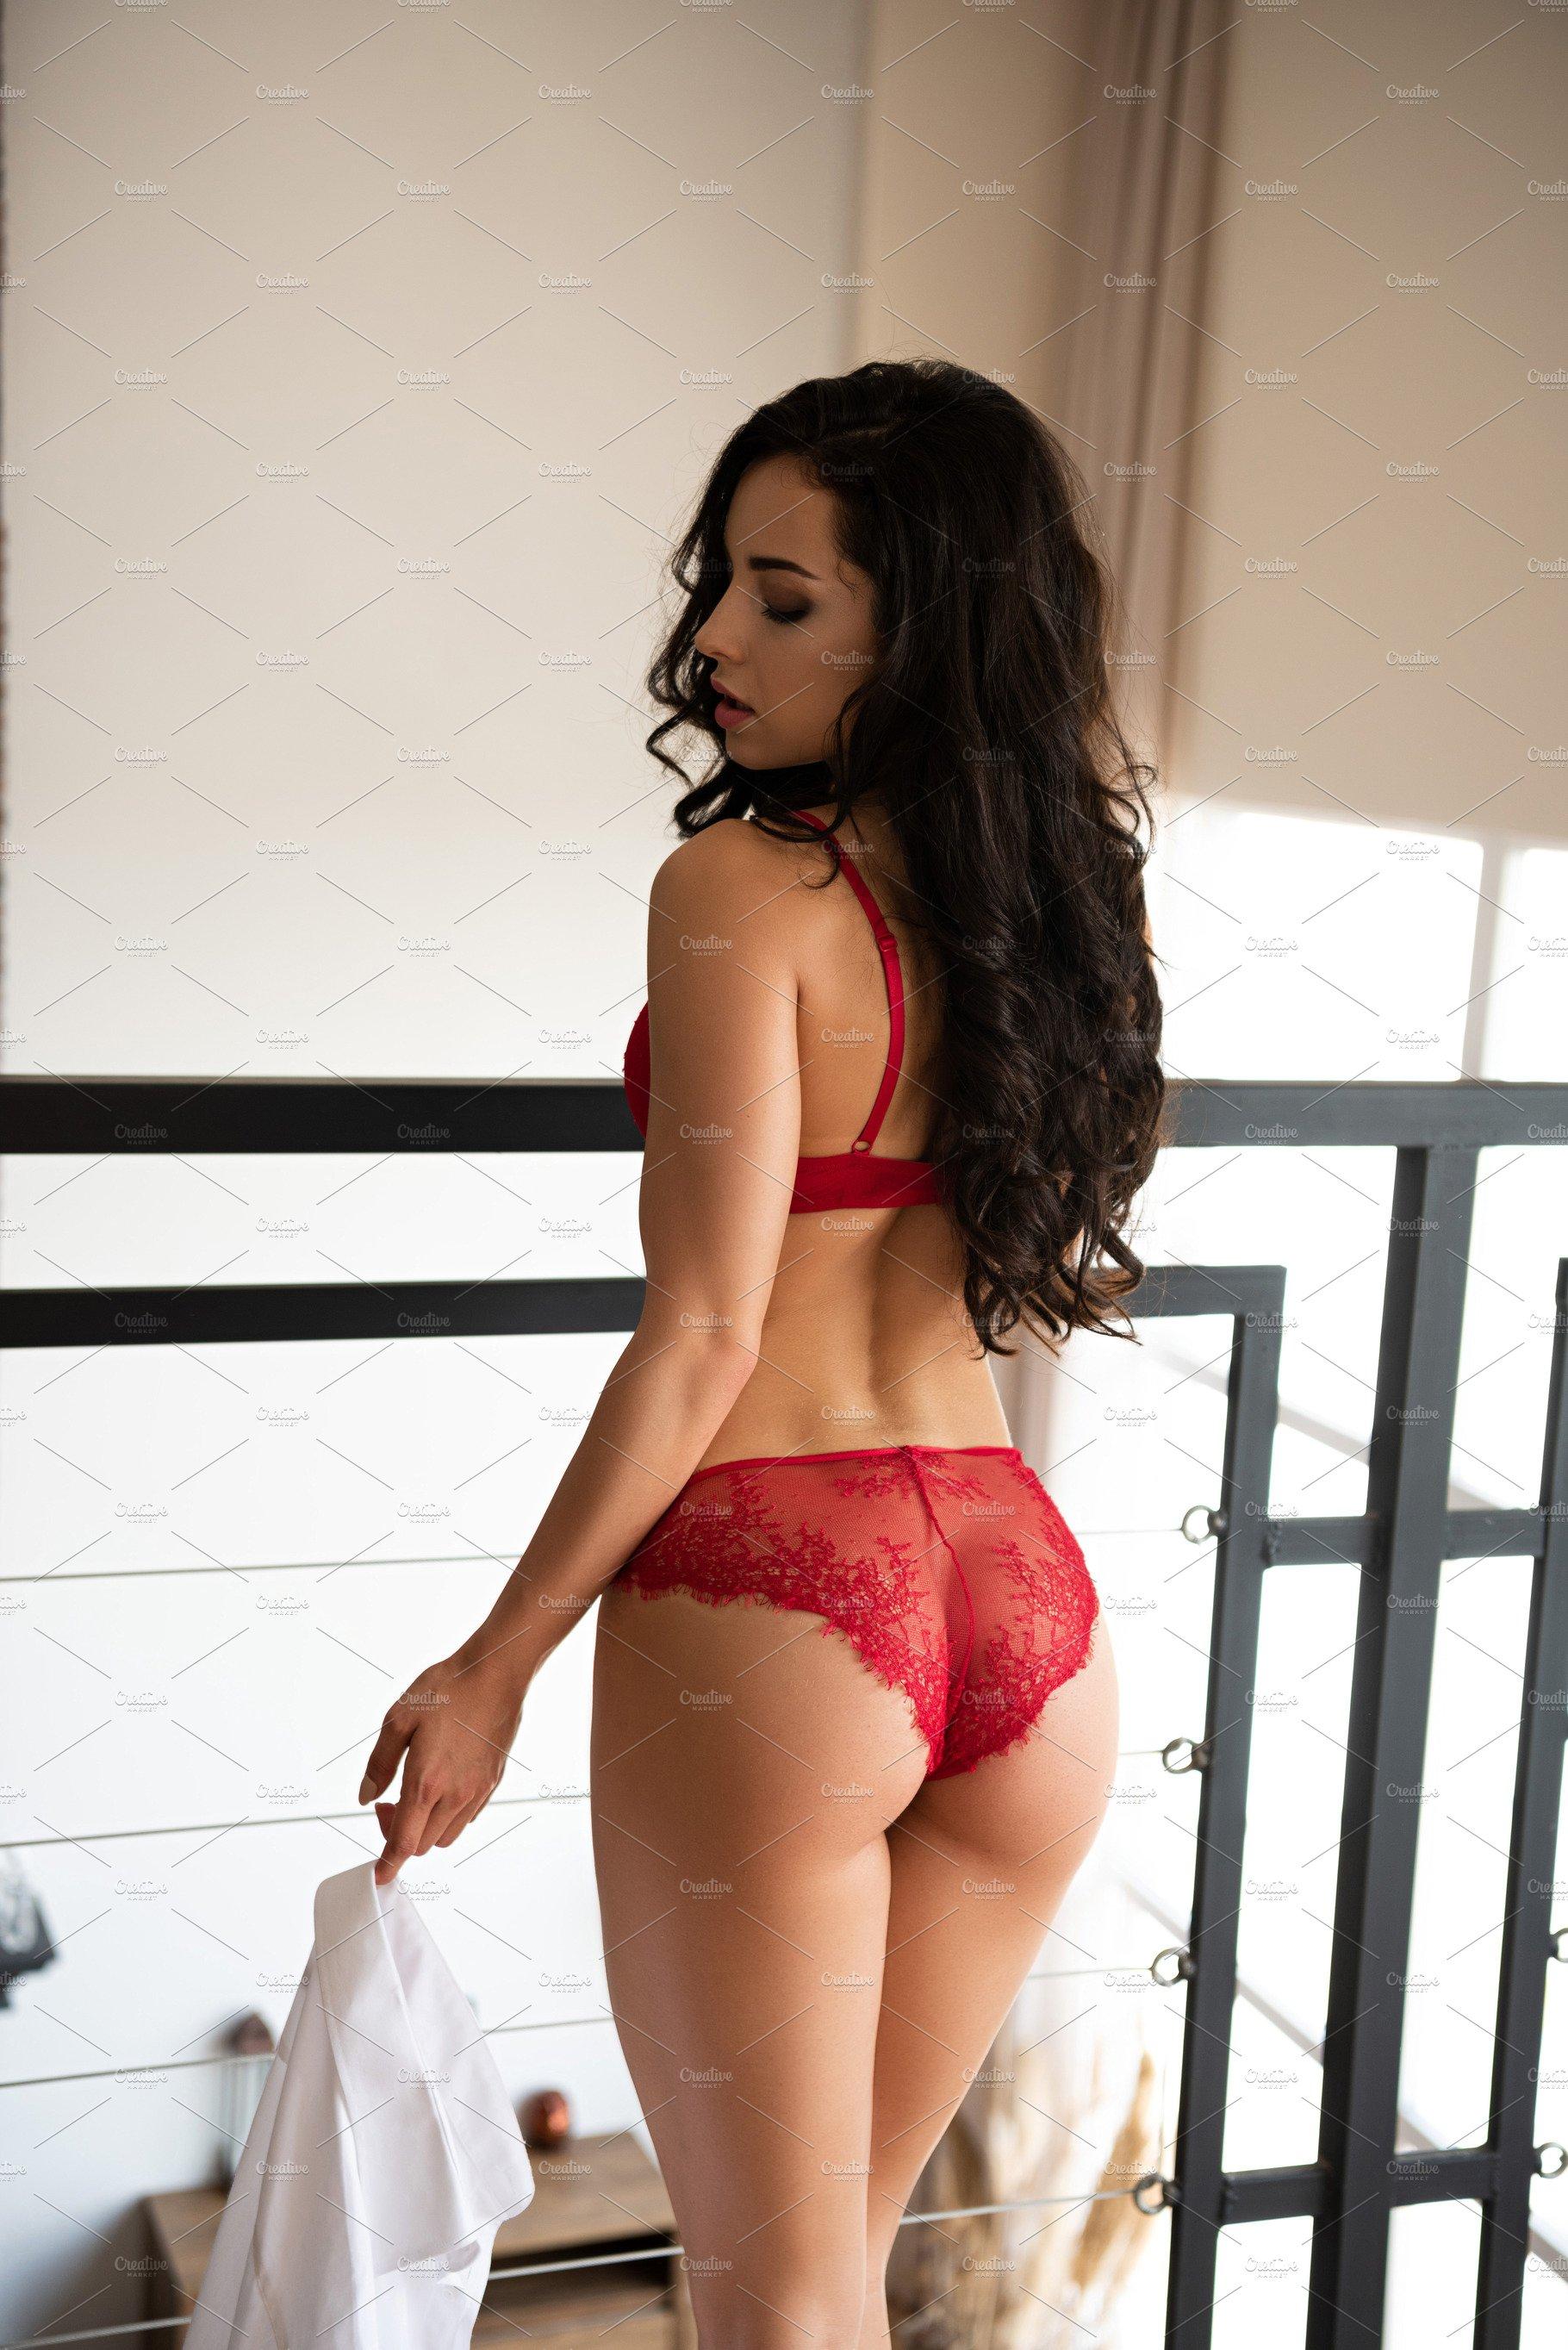 Sexy Girls In Panties Photos